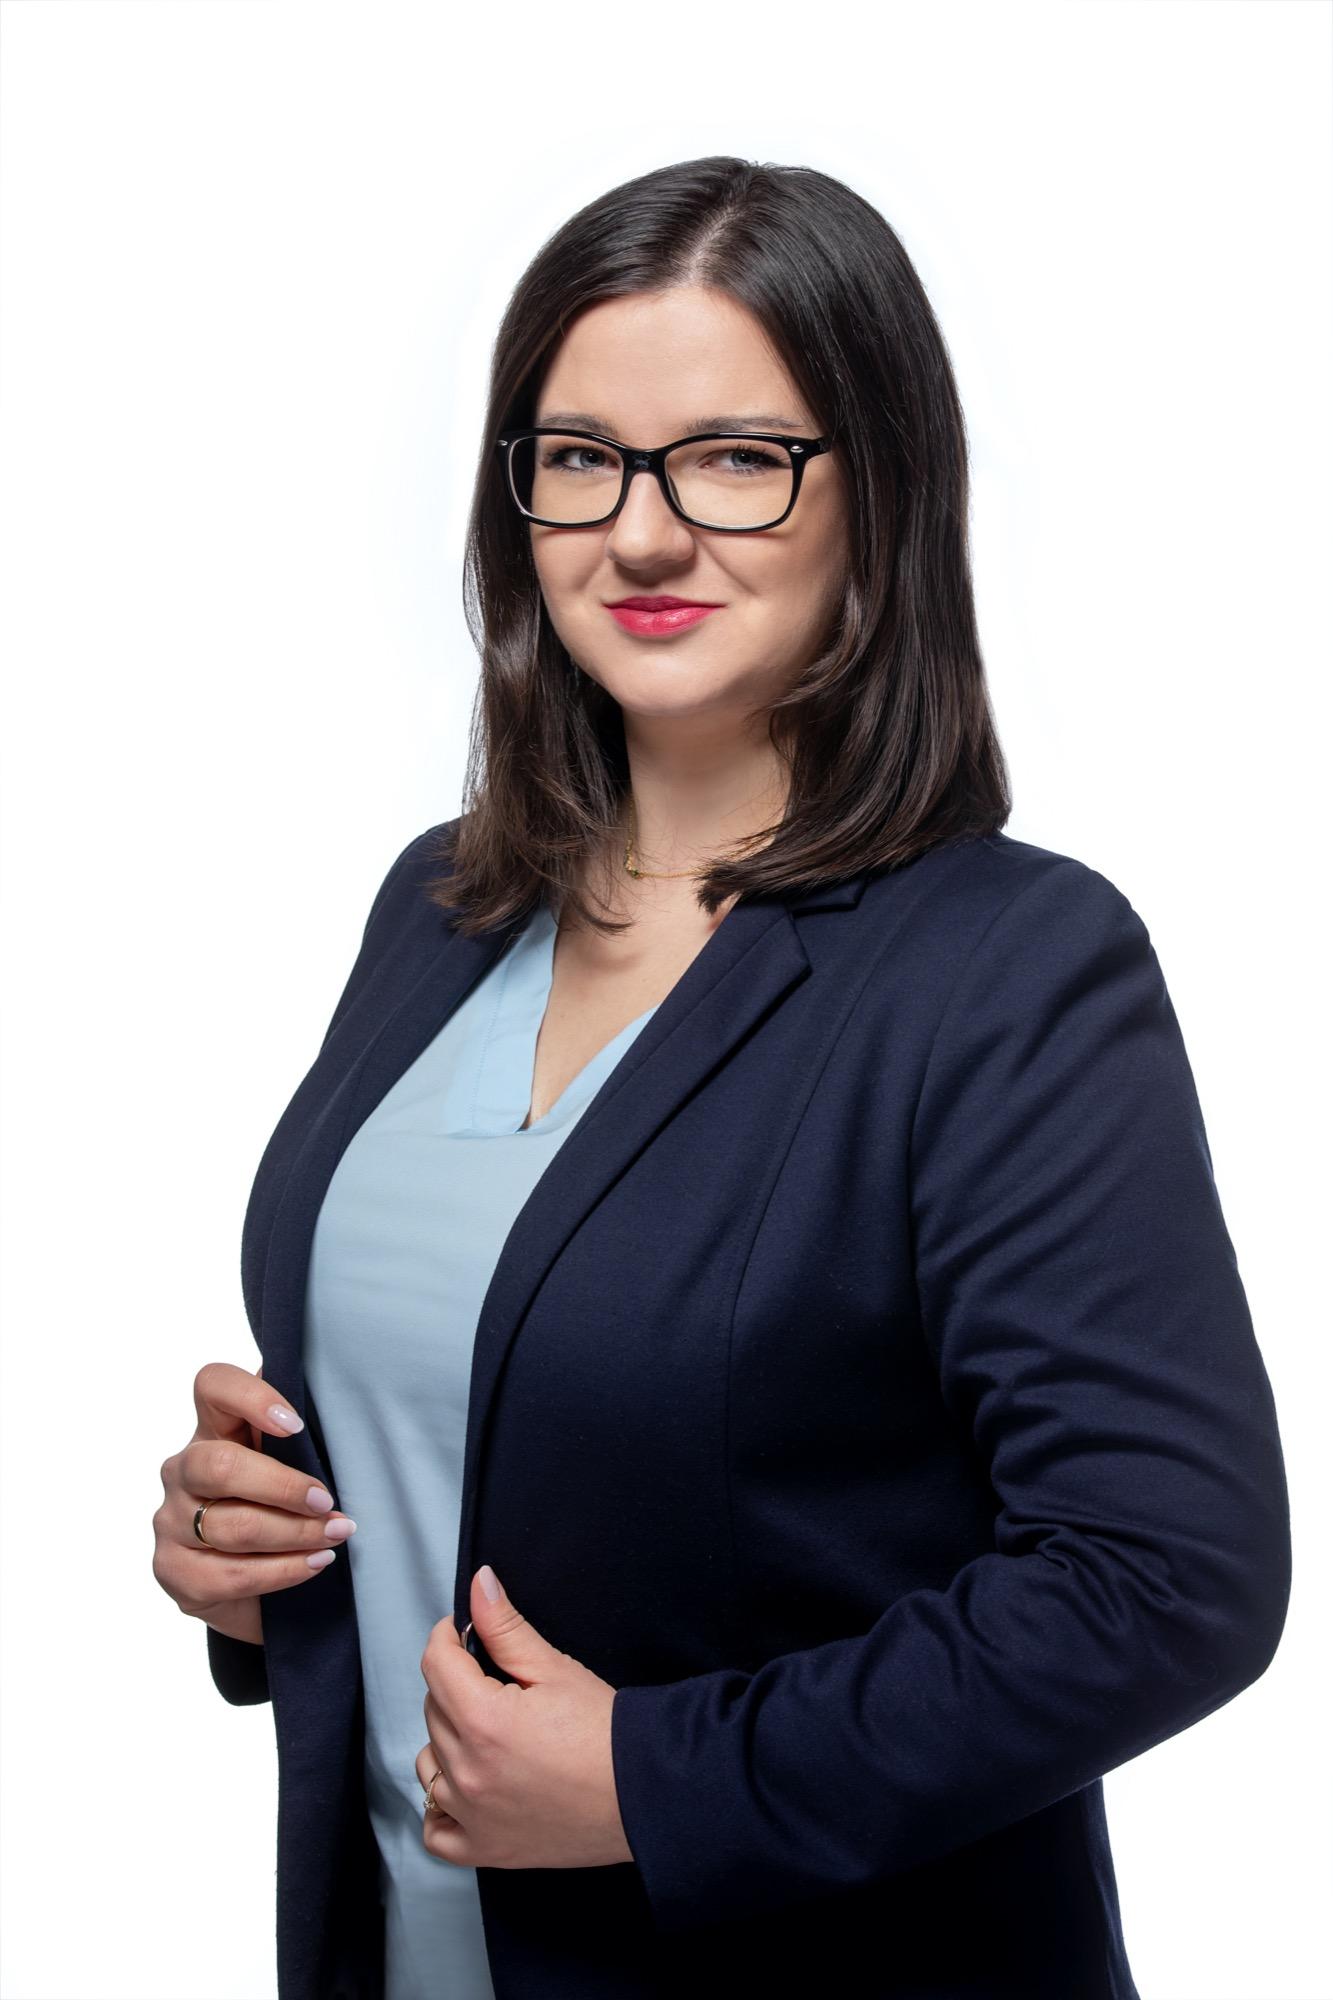 Joanna Wrześniowska